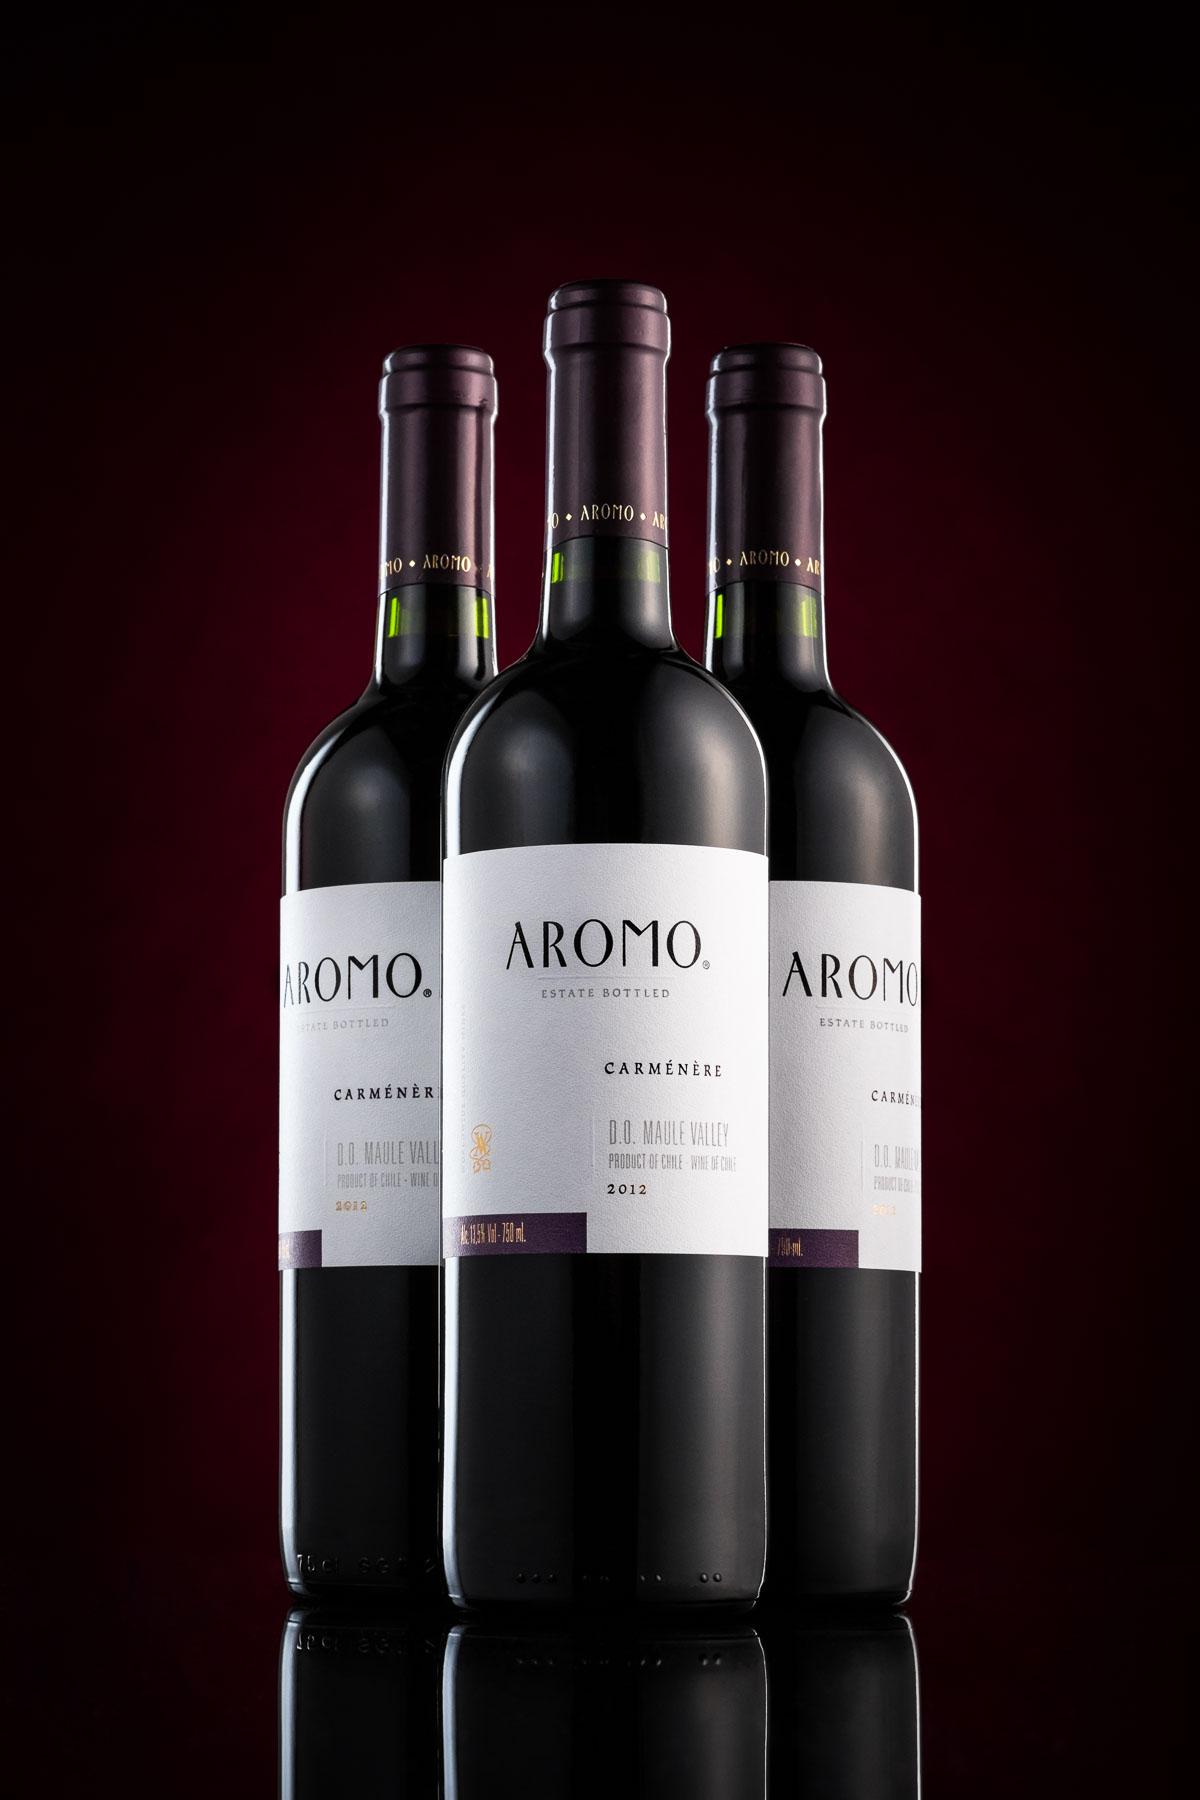 Aromo red wine bottles